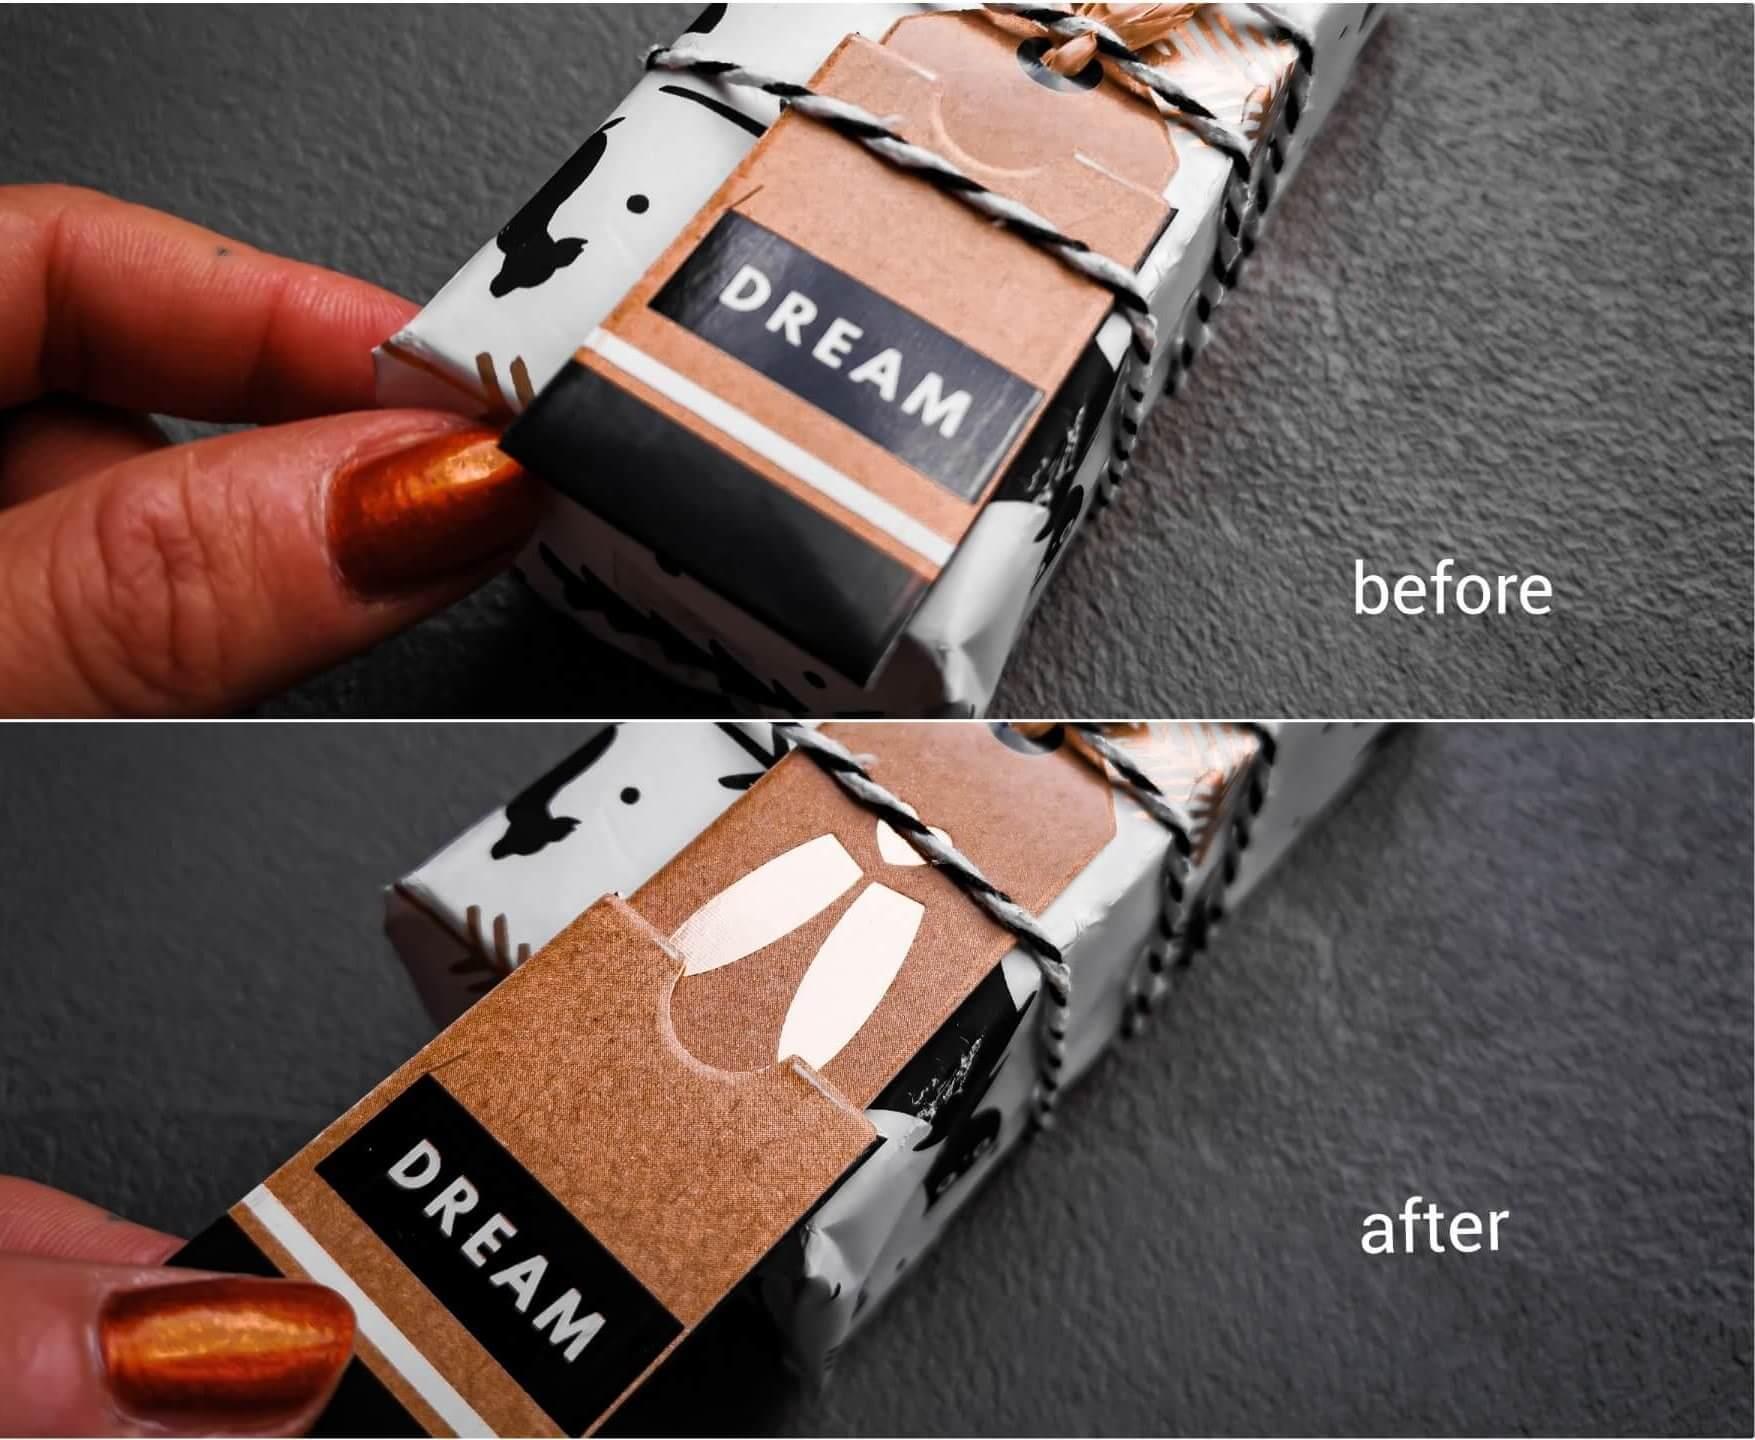 inCollage 20191208 165909443 resized 20191208 072733967 e1576439019478 - Geschenke verpacken: 11 kreative Tipps zum Selbermachen